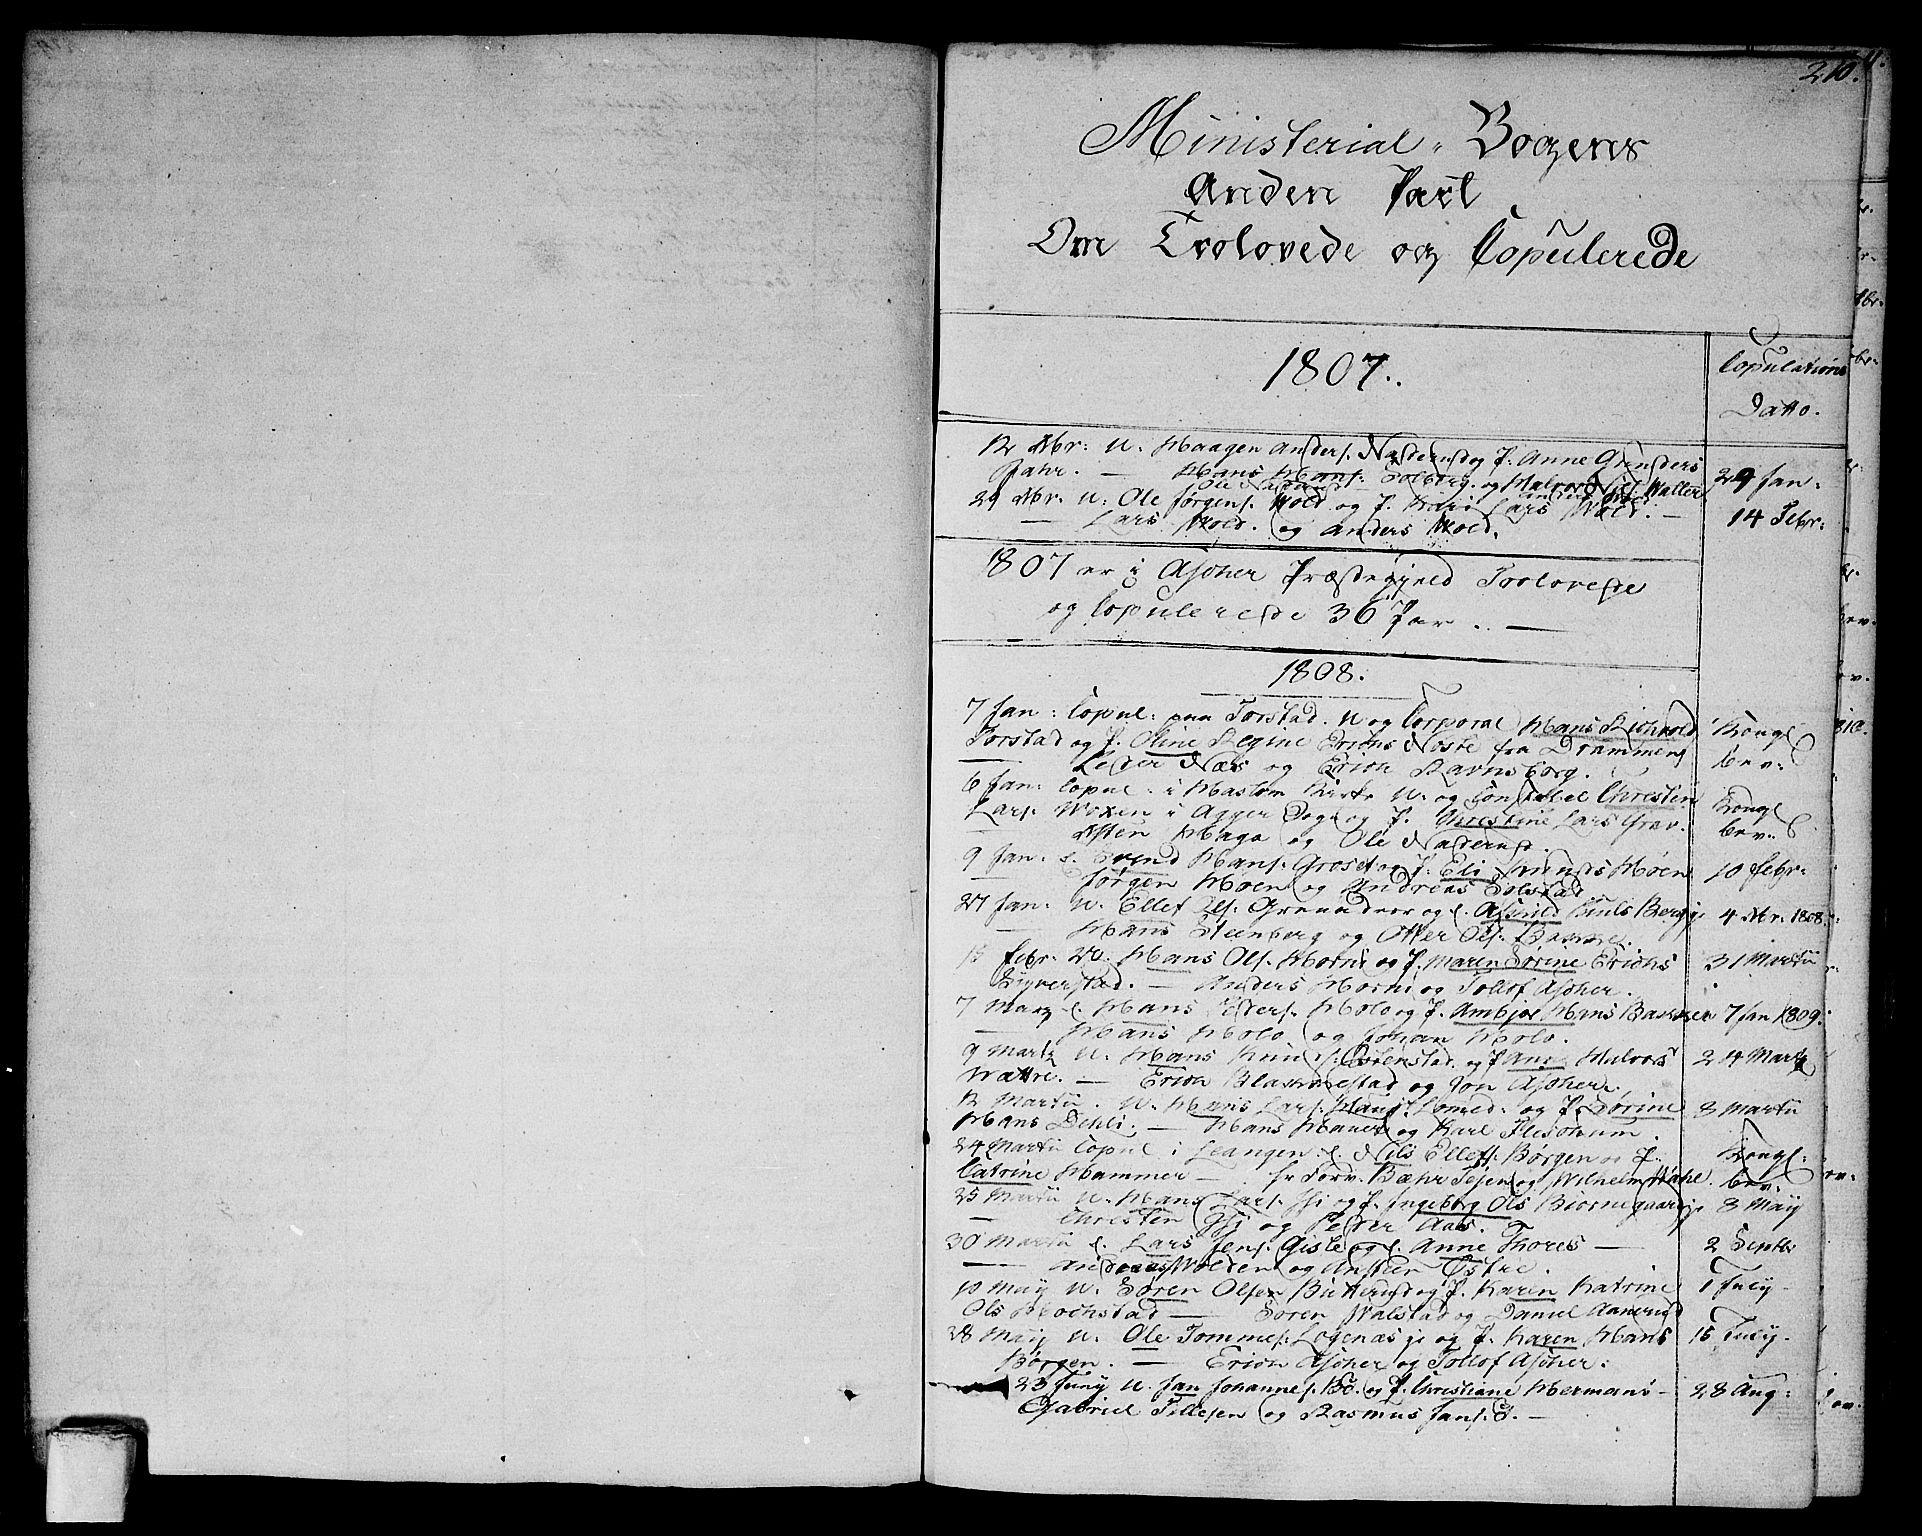 SAO, Asker prestekontor Kirkebøker, F/Fa/L0005: Ministerialbok nr. I 5, 1807-1813, s. 210